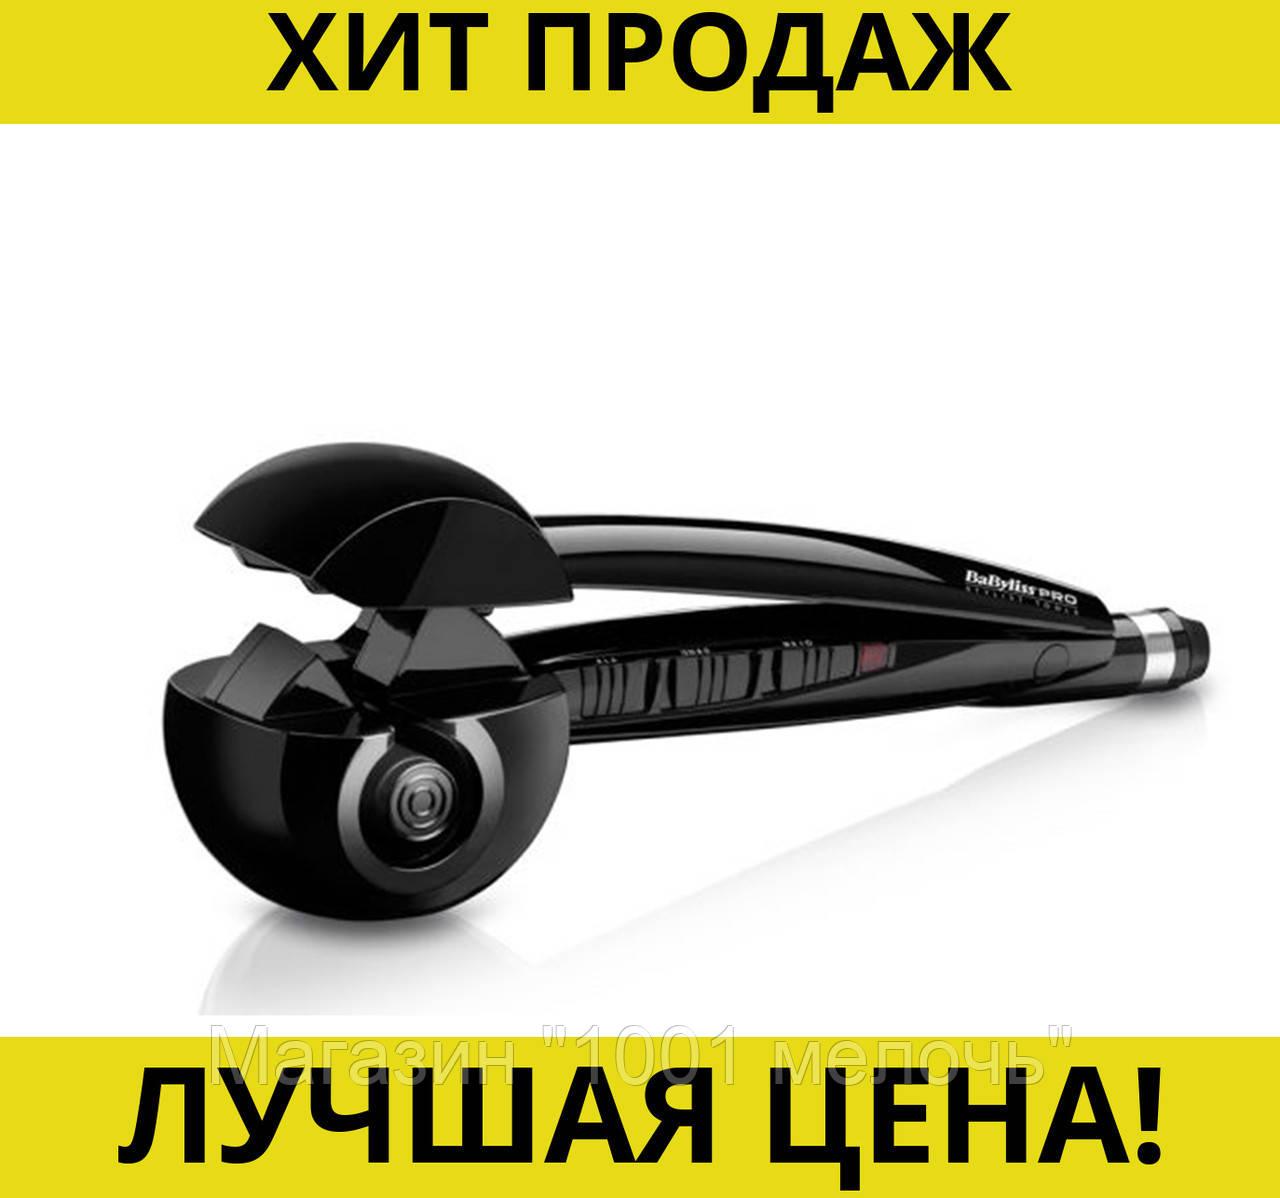 Плойка BaByIiss Pro BAB 2665 для завивки волос- Новинка